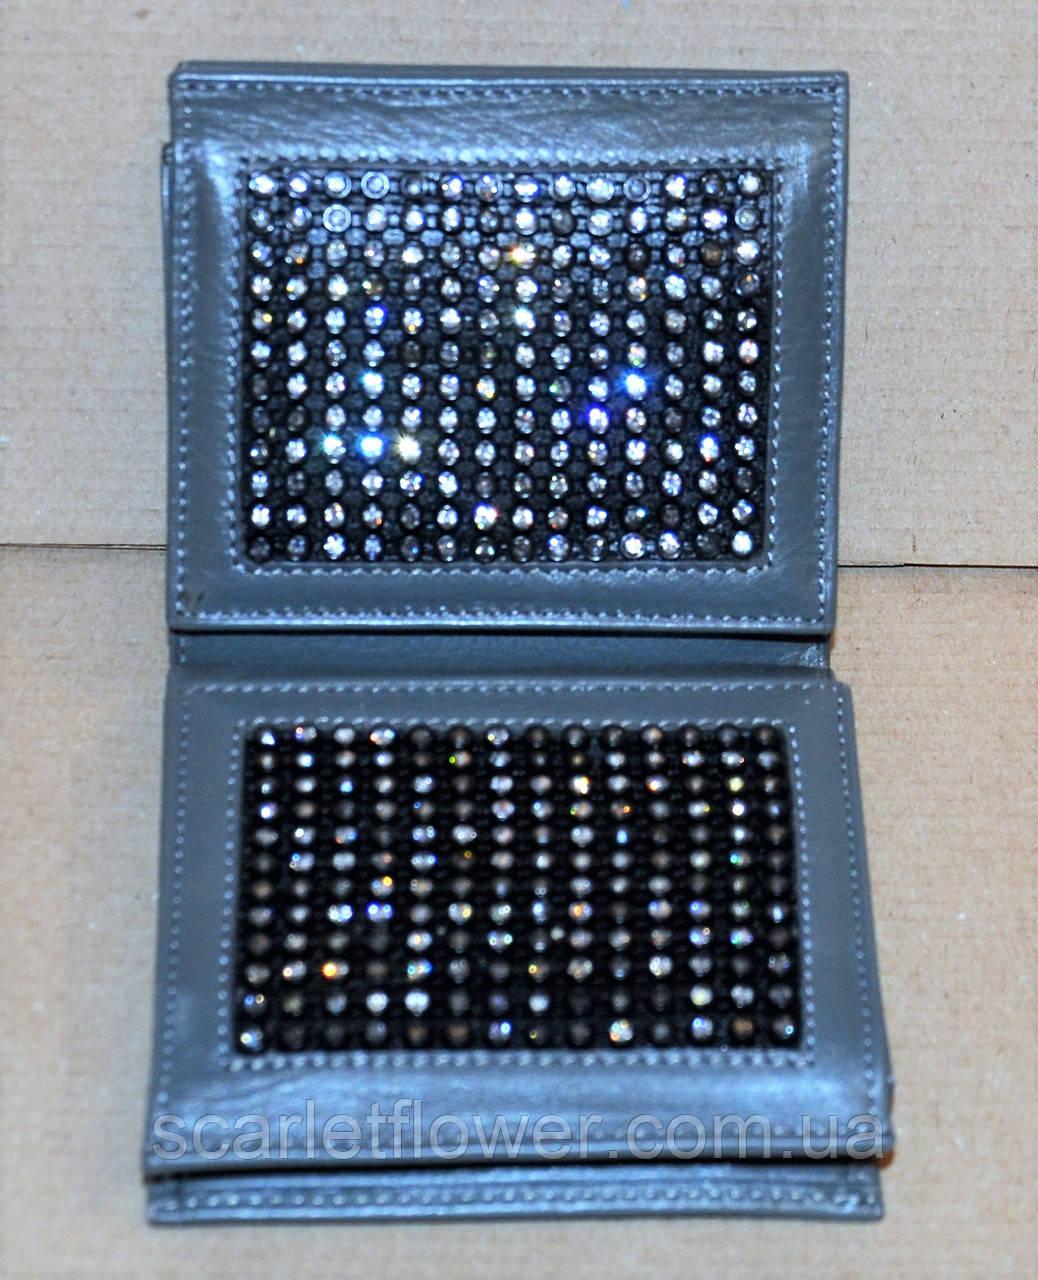 920b6cc74974 Кожаный кошелек BOND со стразами, складной. 425 грн. В наличии. Купить